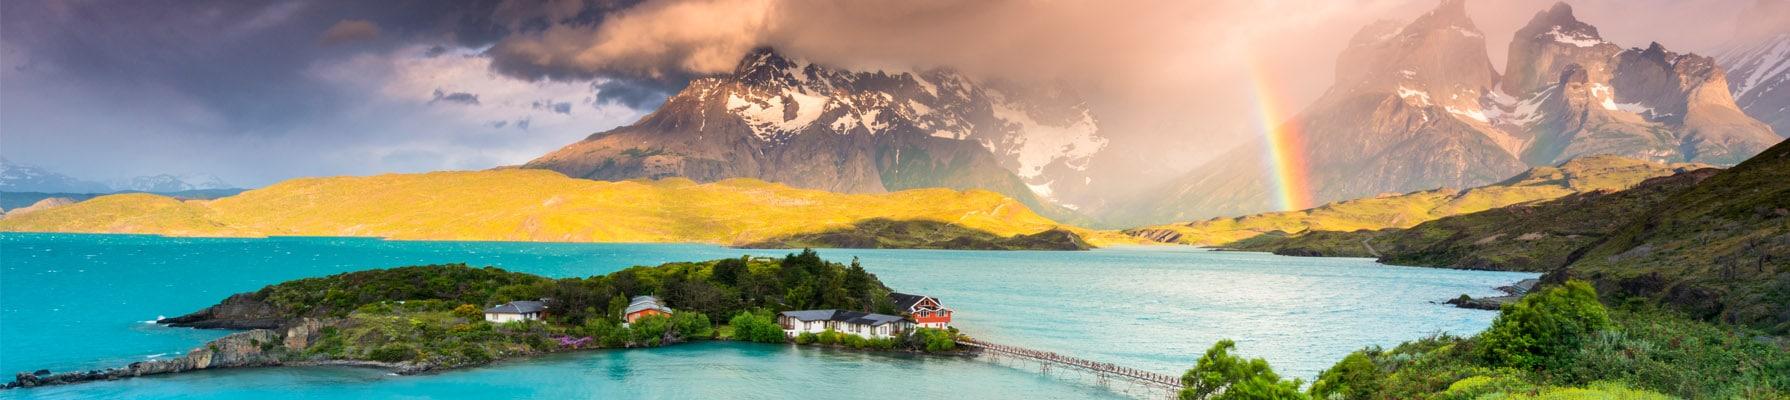 patagonia-photo-tour